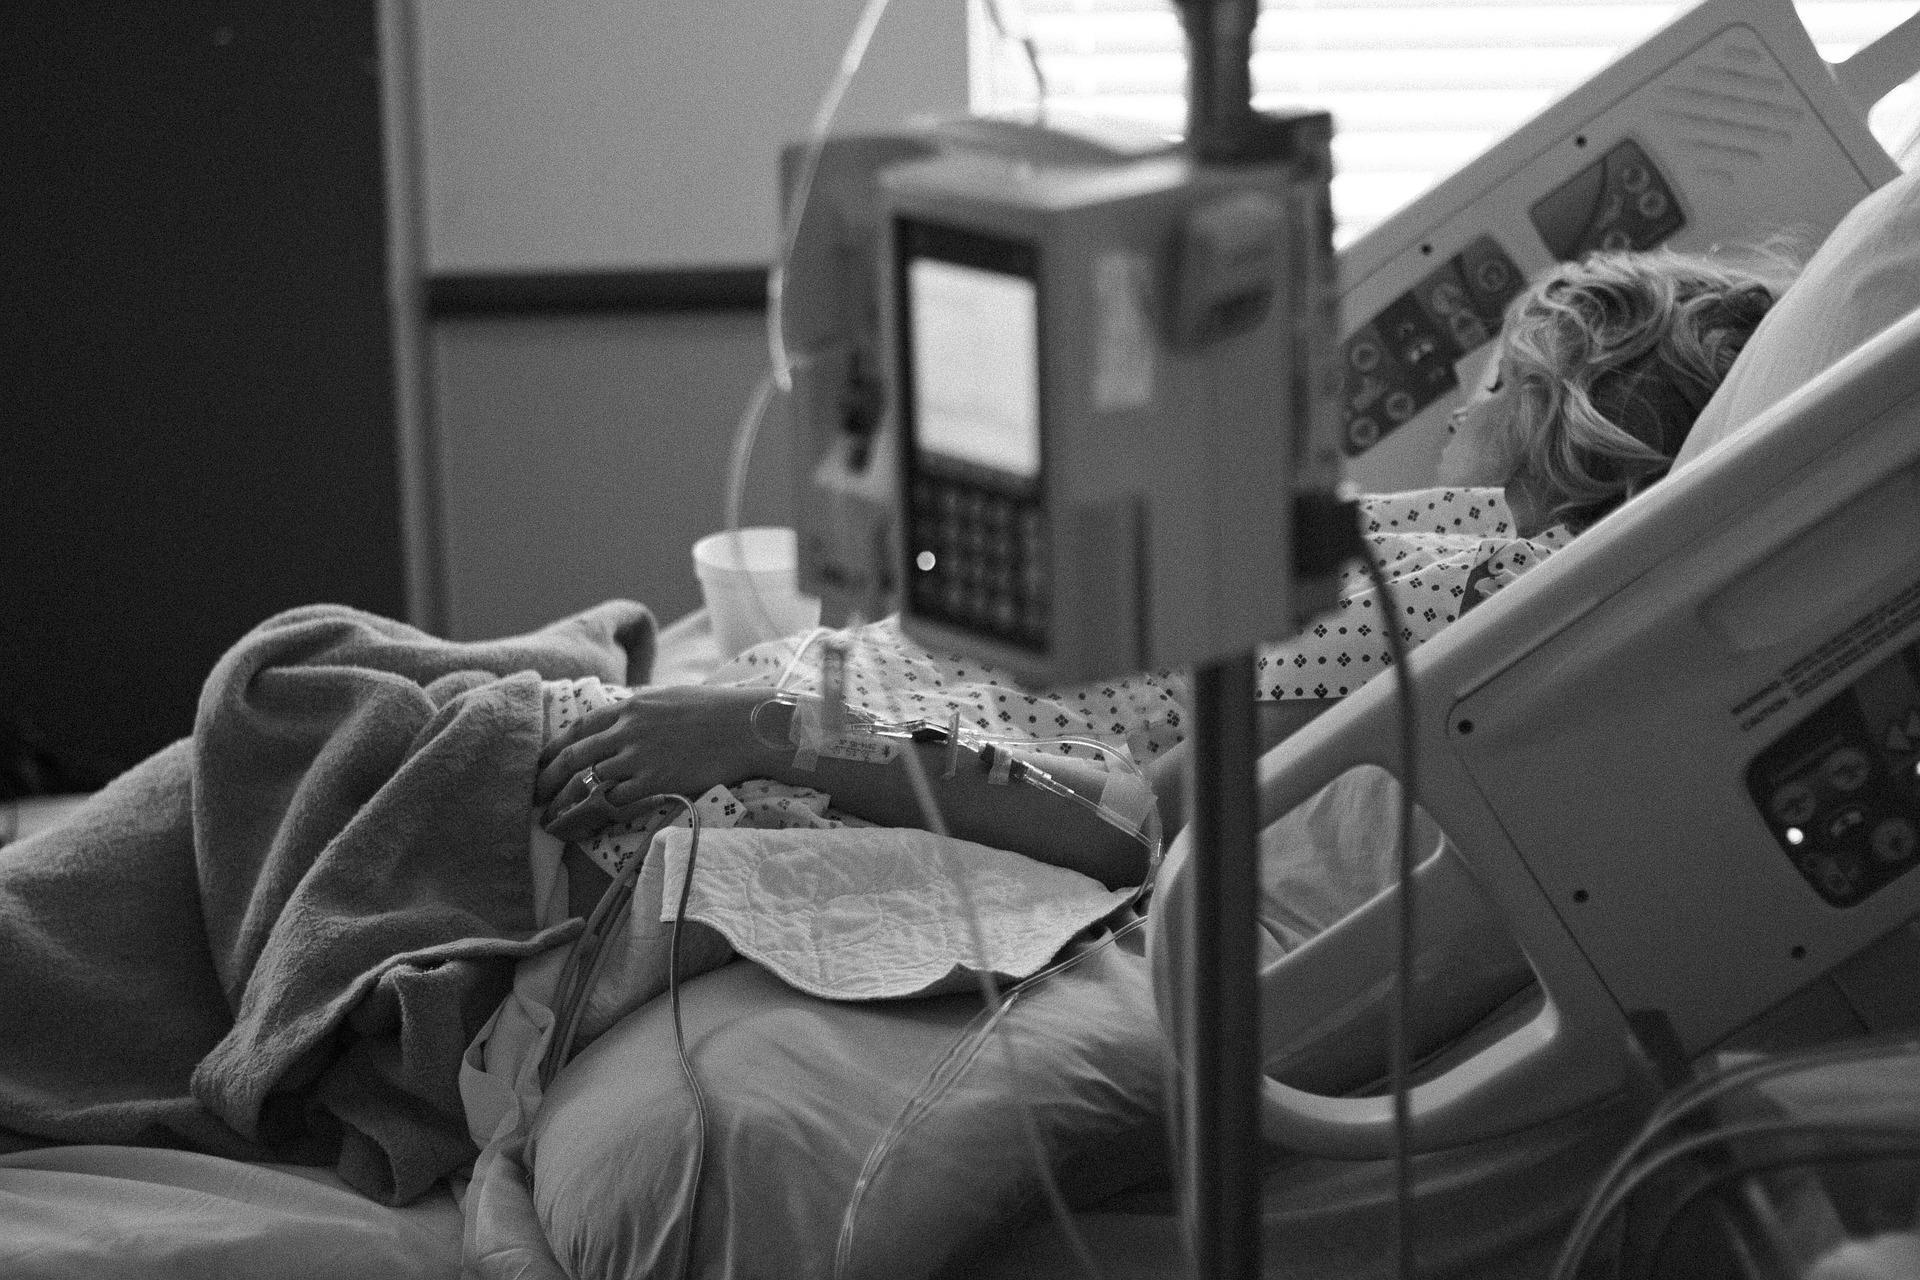 Vorzeitiger Heimwechsel - und der Entgeltanspruch gegen den Pflegeheimbewohner